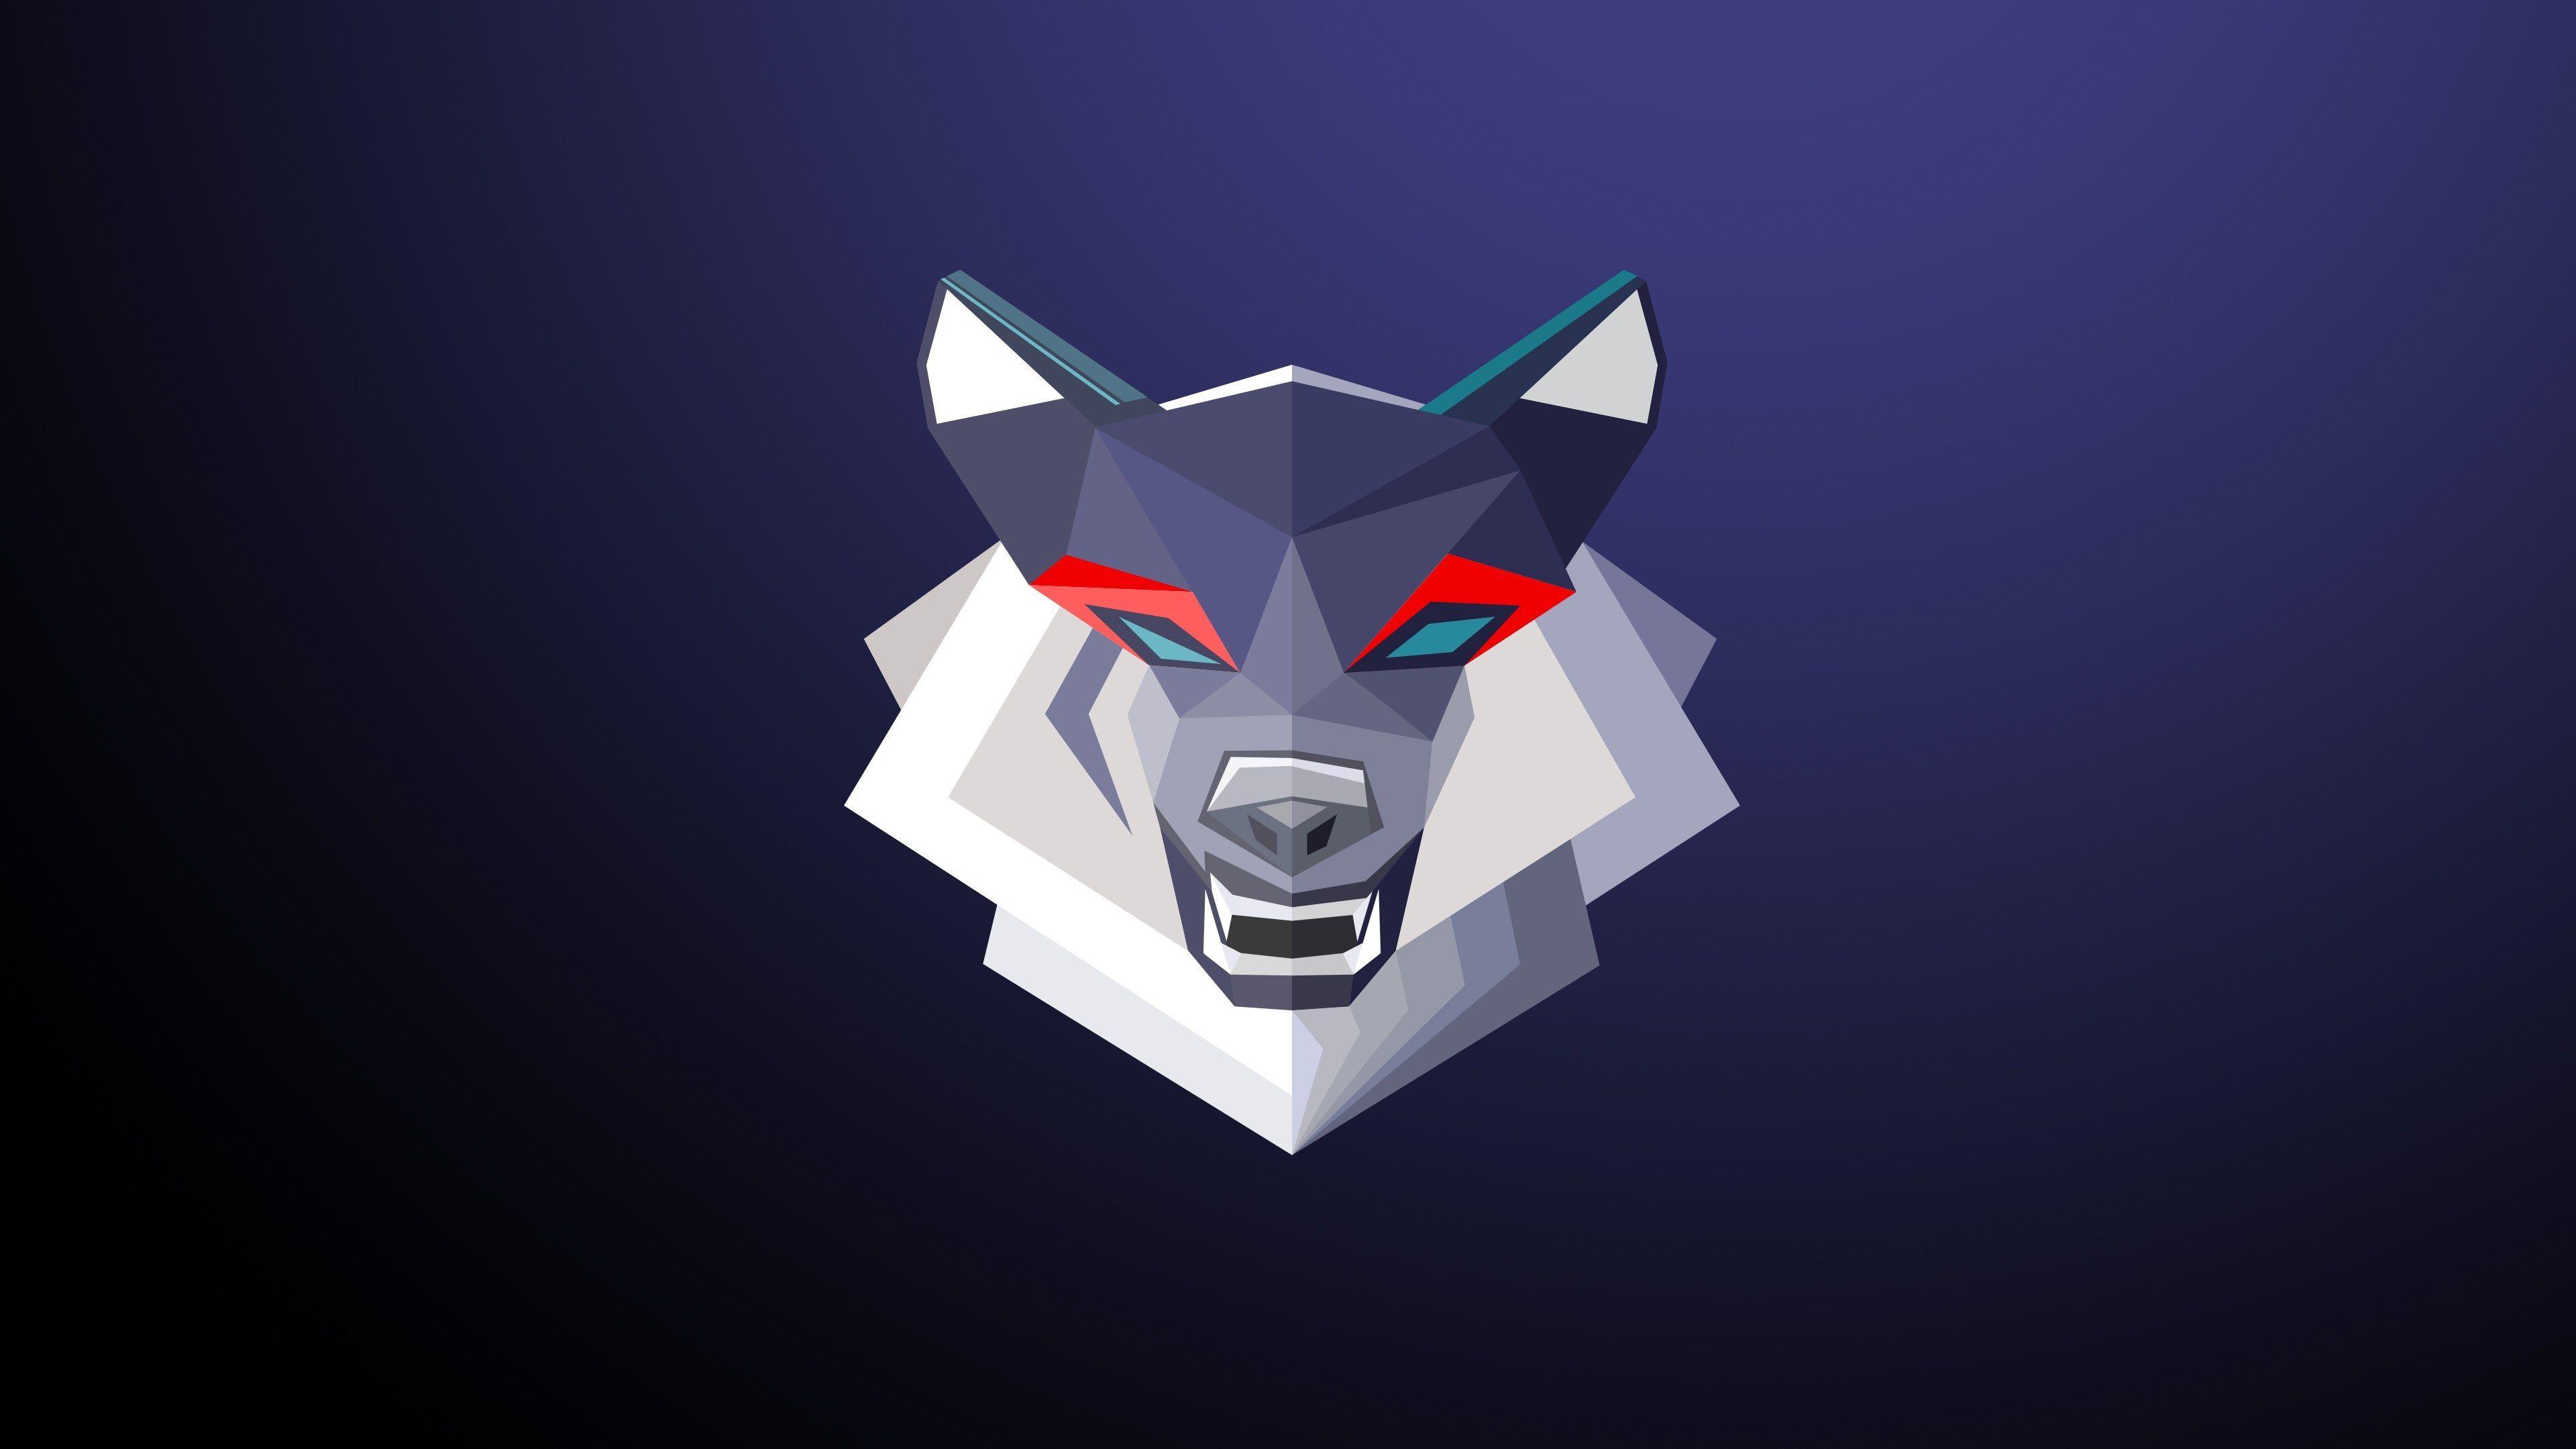 3840x2160 Wolf 4k Pc Wallpaper Free Geometric Art Geometric Wolf Wallpaper Abstract Digital Art